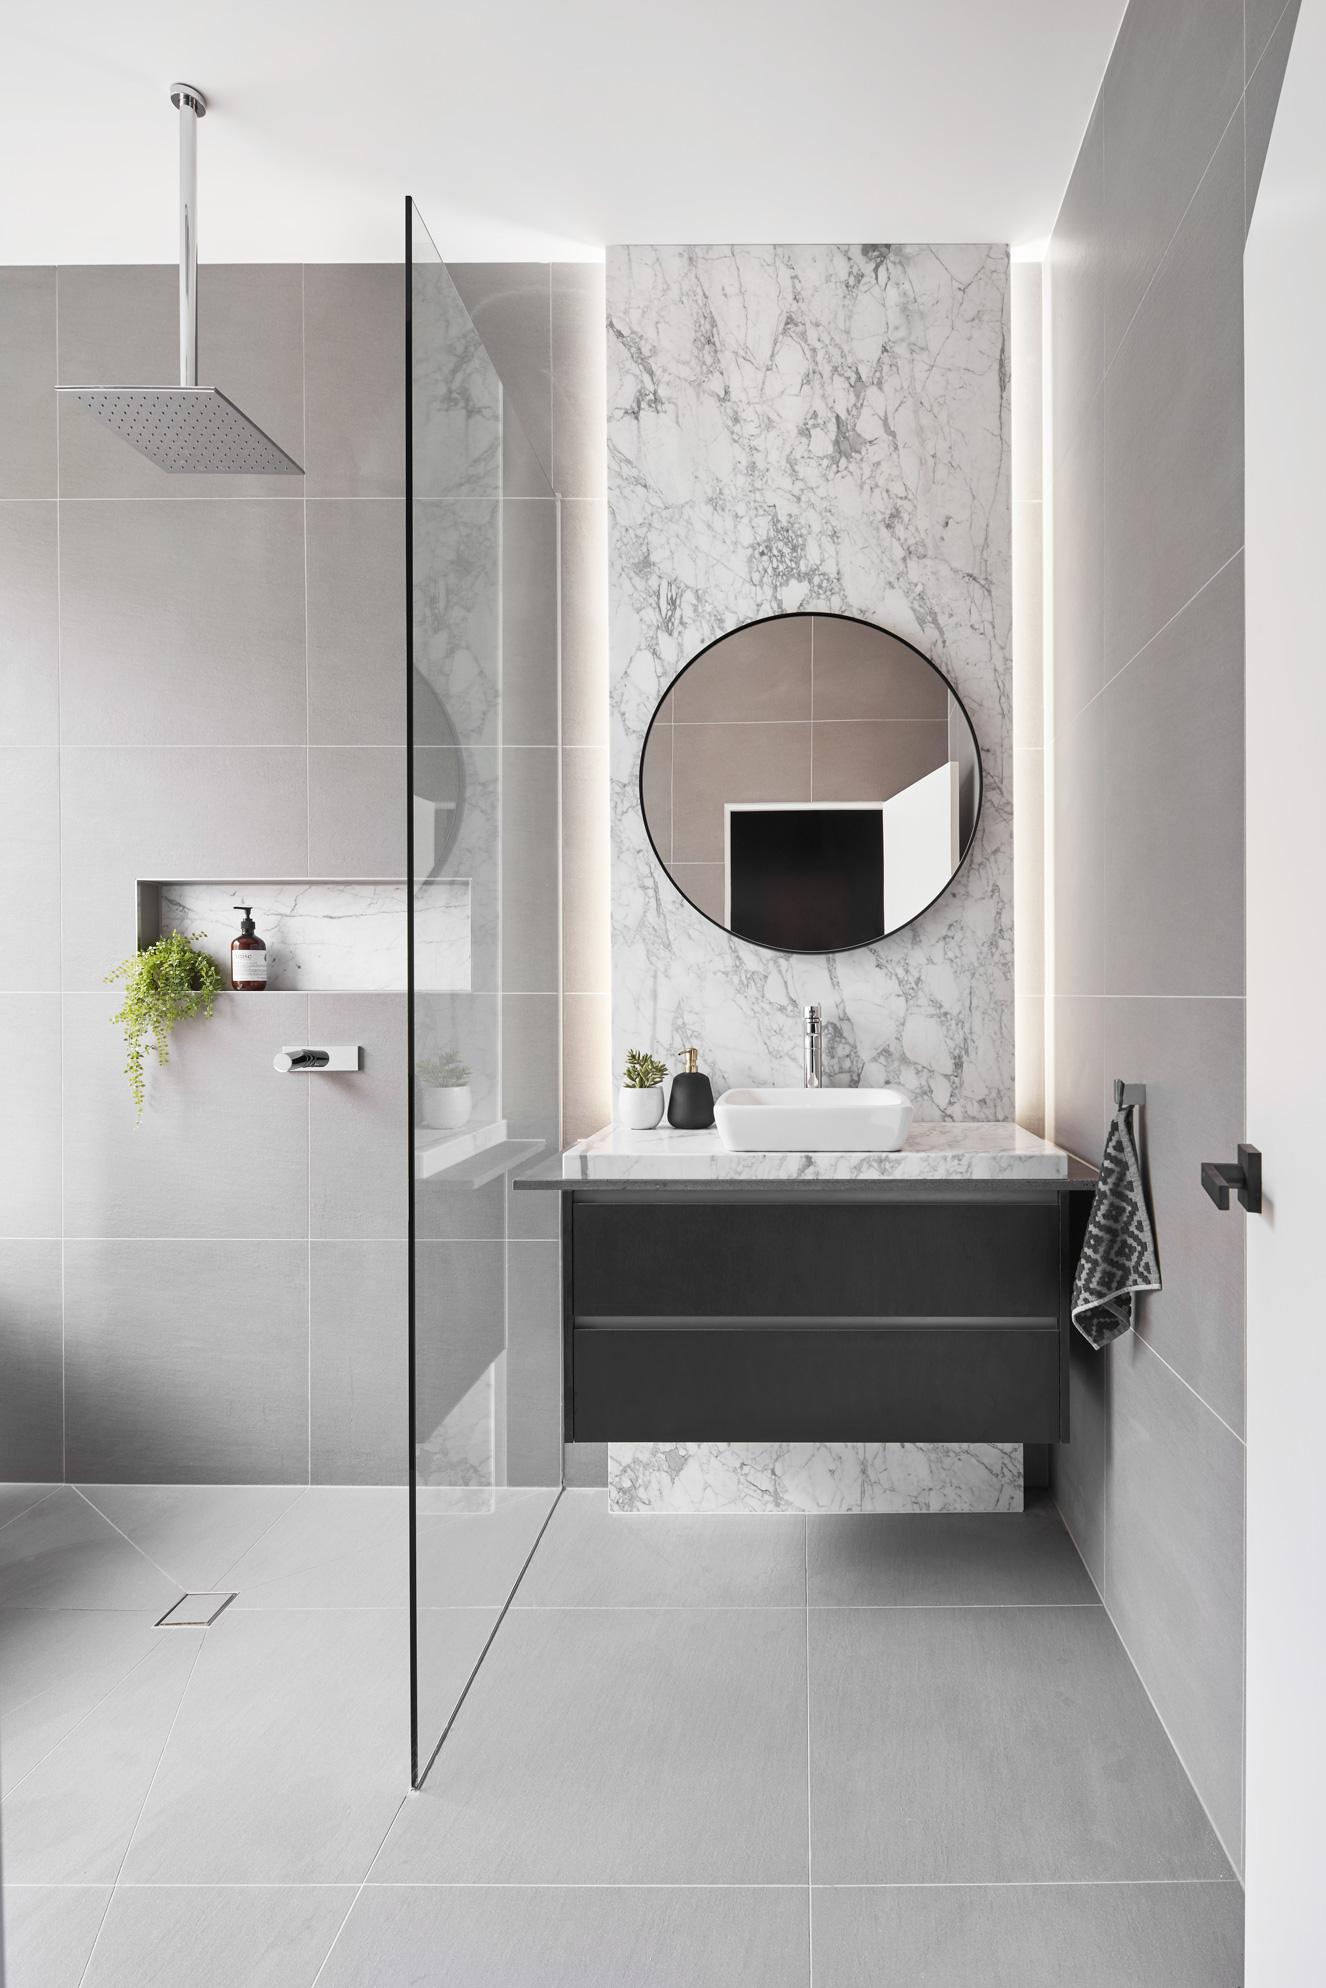 Jenkins_St_bathroom_2